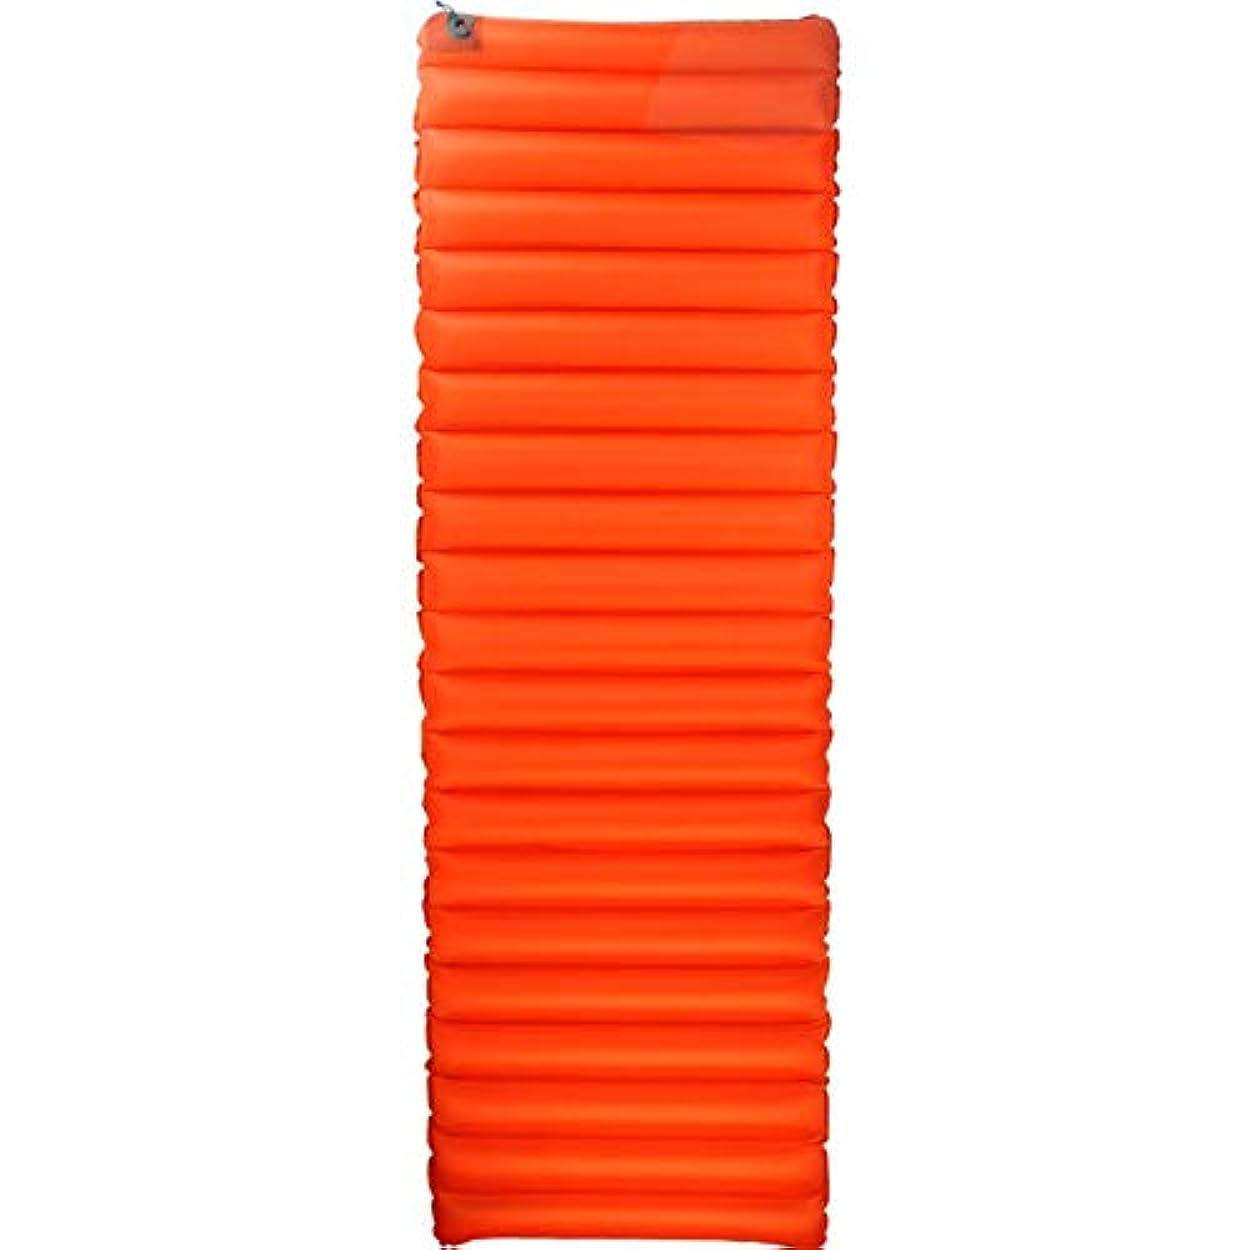 デンマーク語崖いつかBXXU 12pcsマニキュアセットペディキュアシザー+キューティクルナイフ+イヤーピック+ネイルクリッパーキットステンレススチールネイルケアツールマニキュアセット